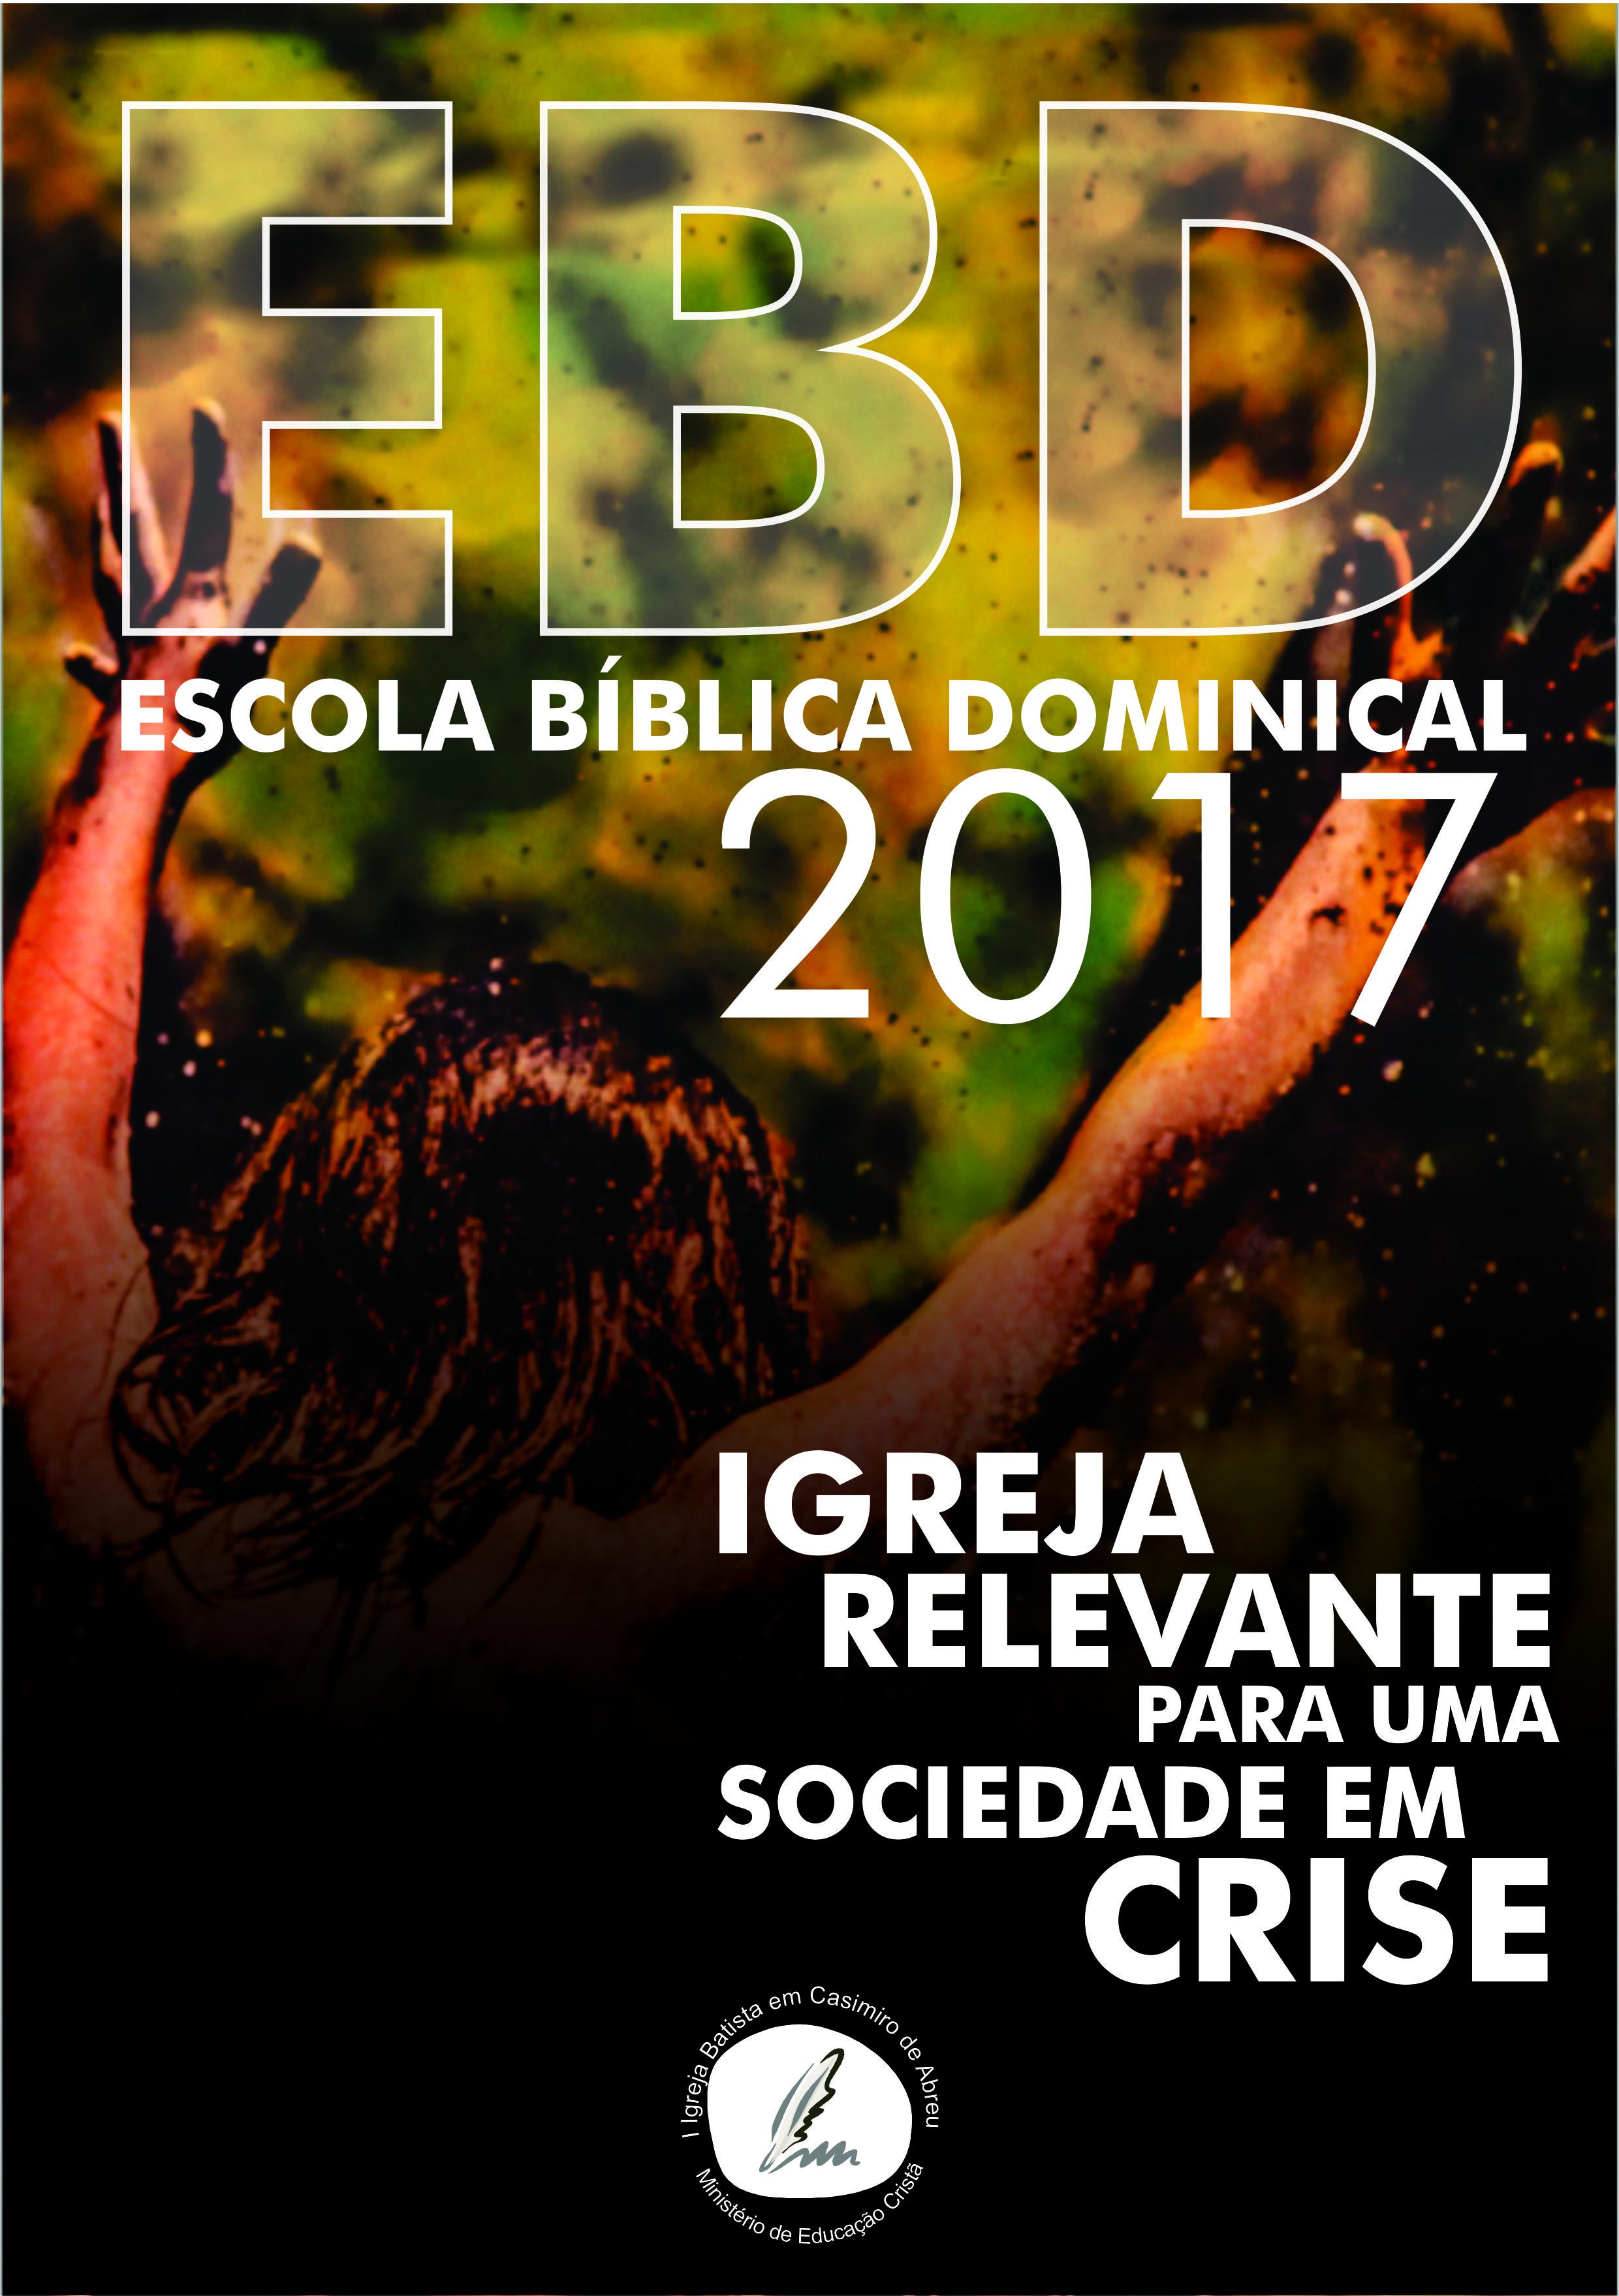 Acesse o Boletim da EBD para o dia 05/02/2017